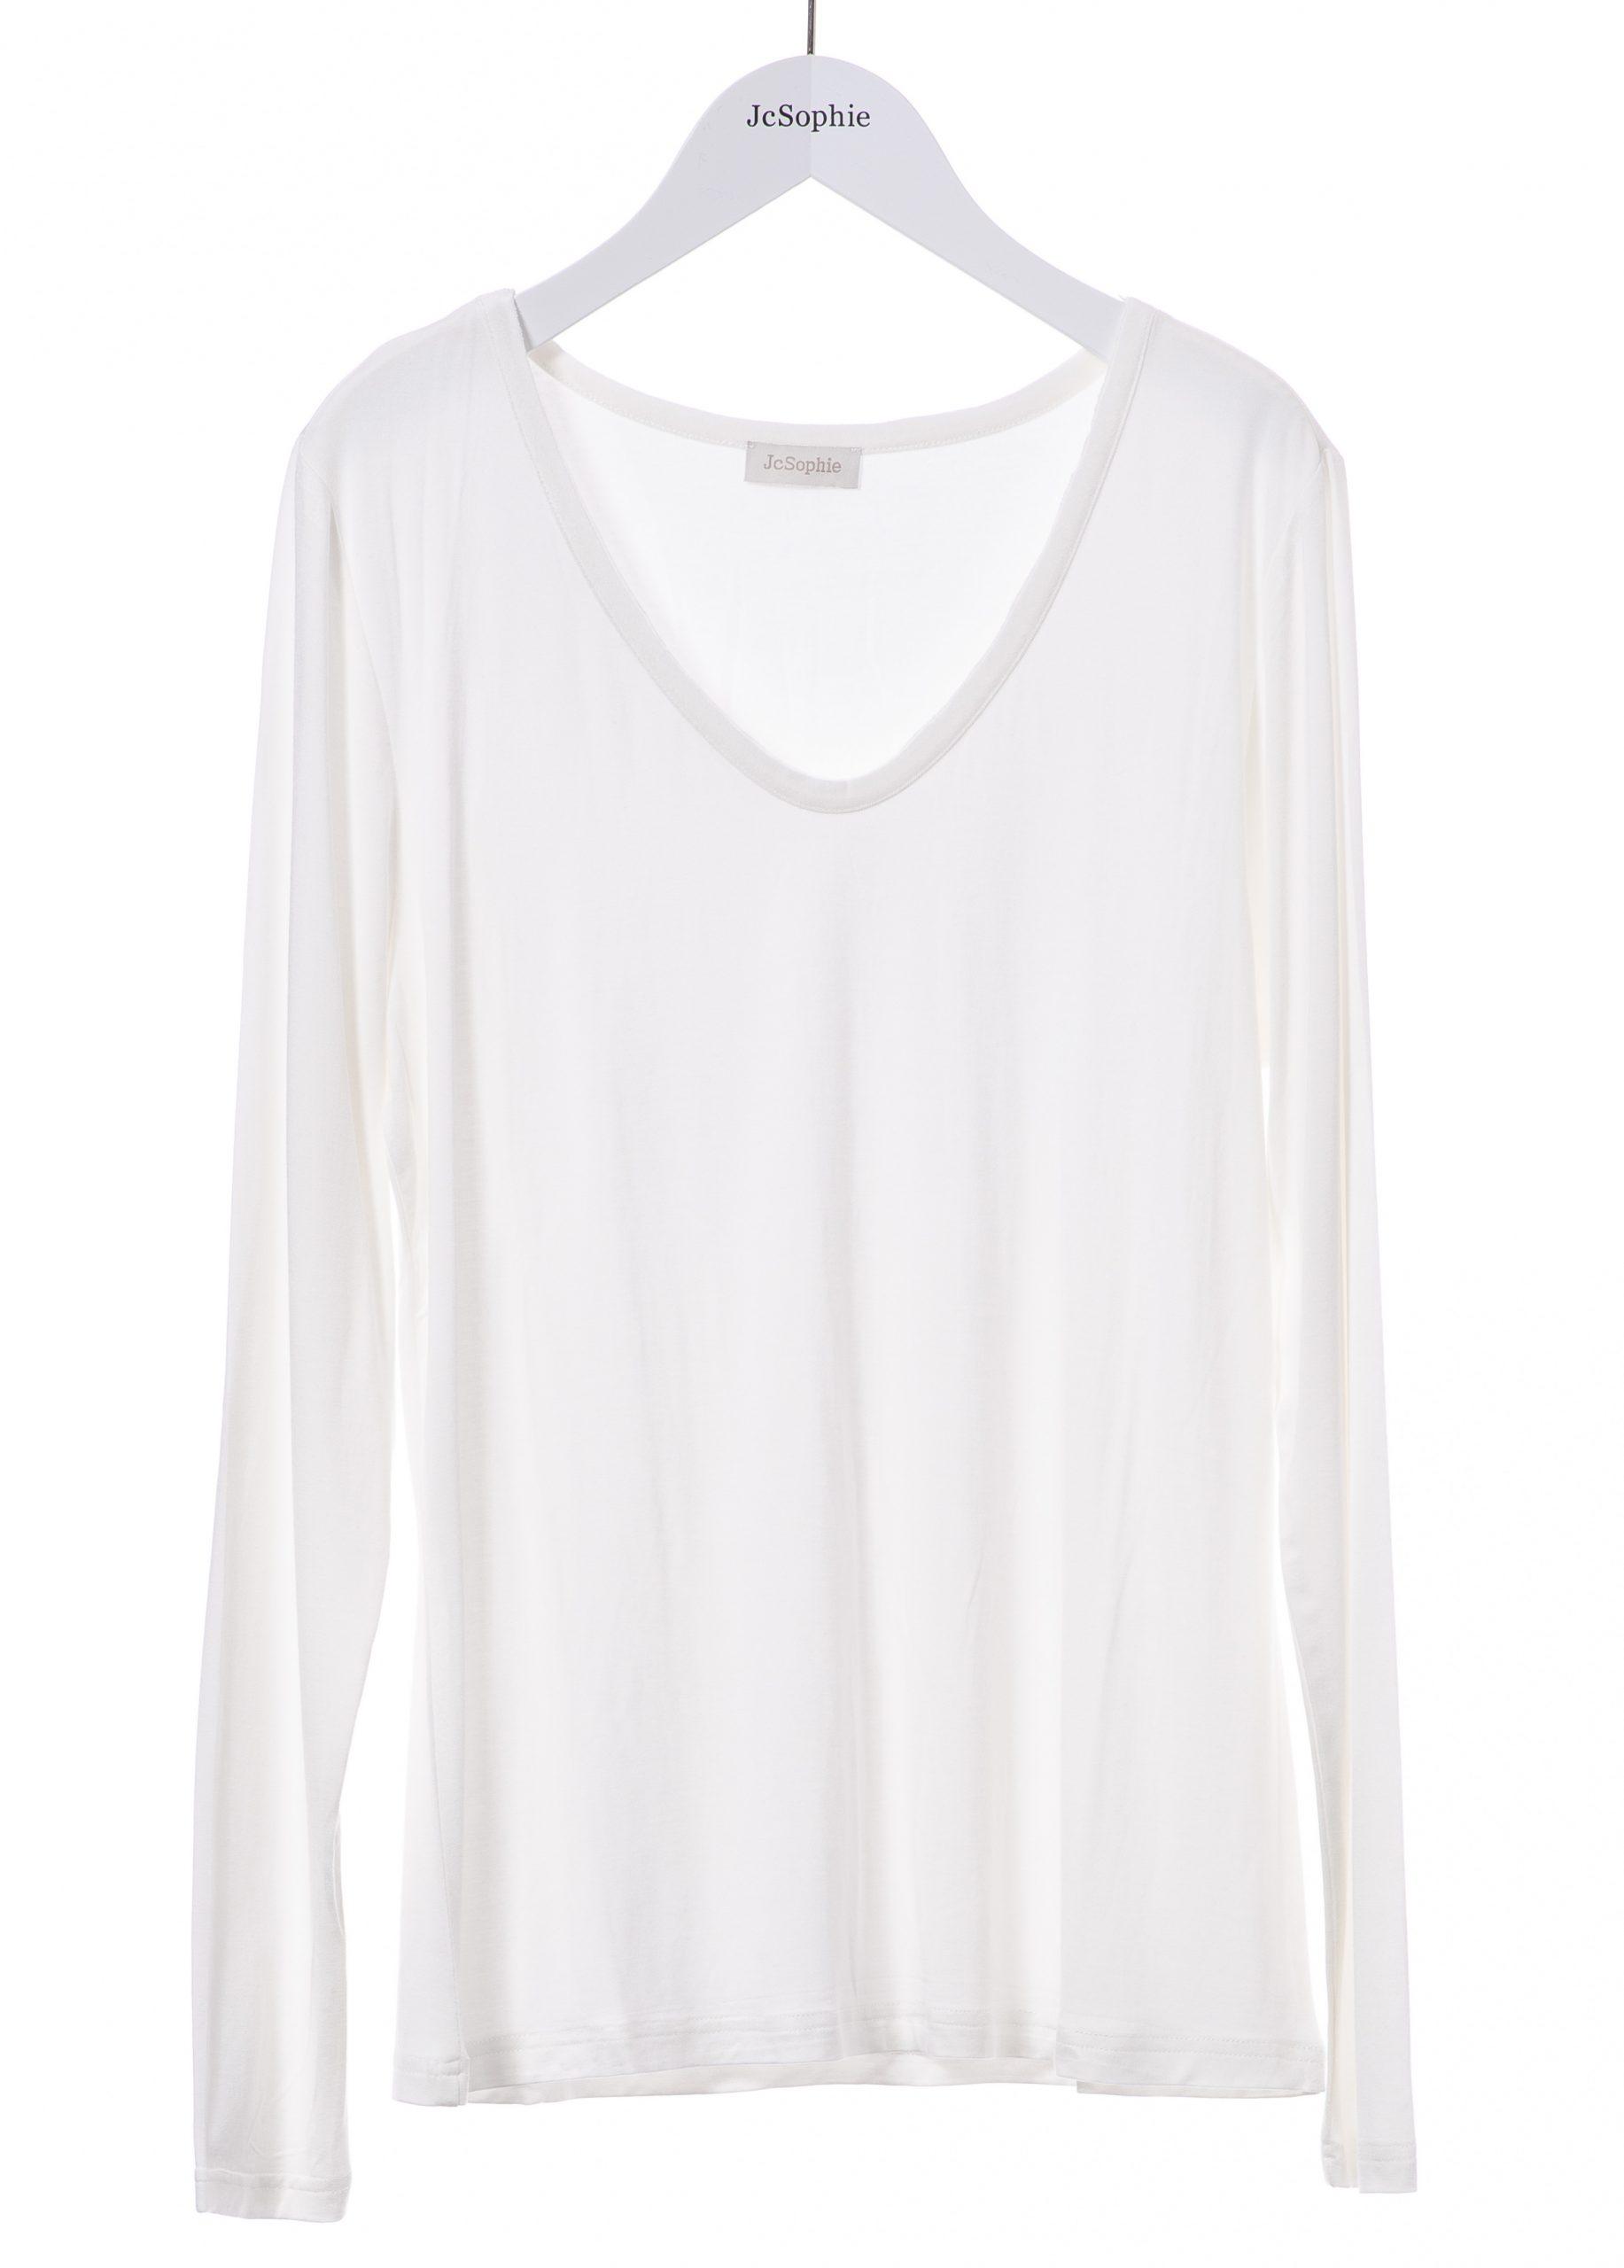 E7076 Evan t-shirt _ 101 off white